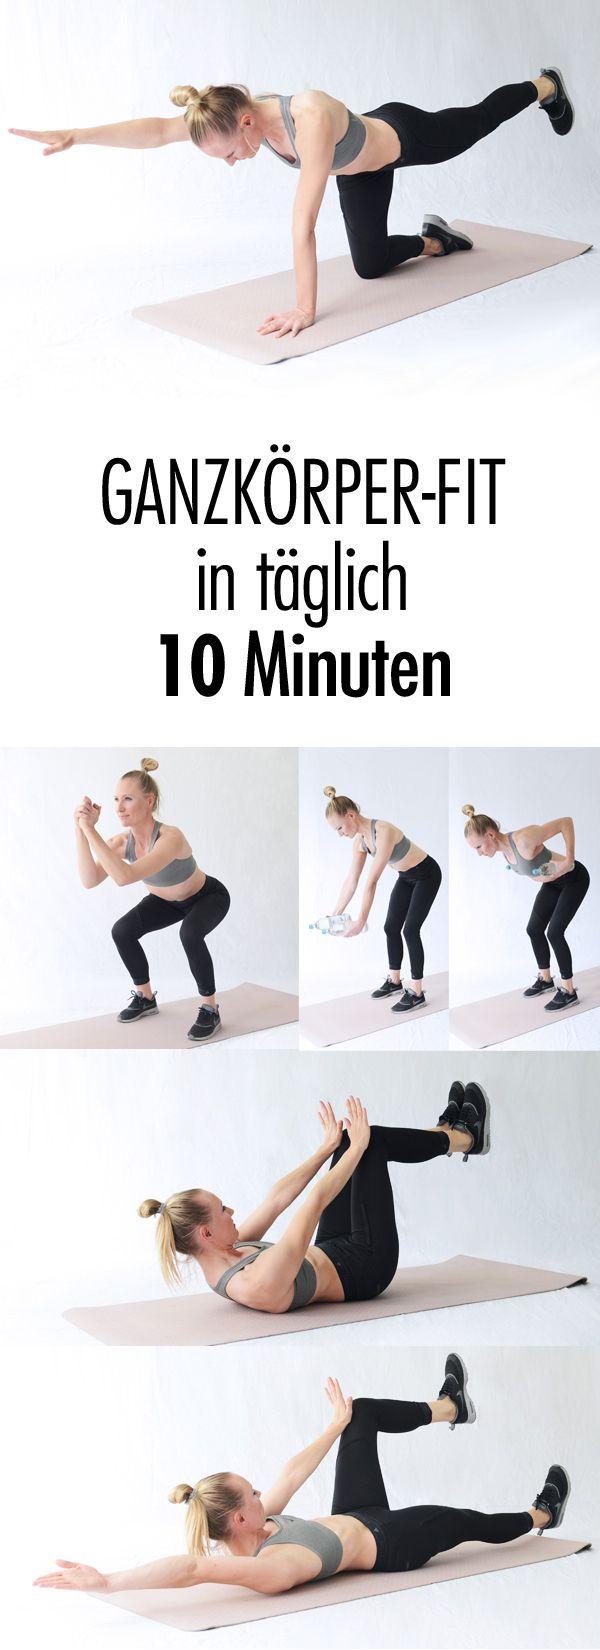 Fit mit täglich zehn Minuten Training - Fitness trainingsplan - #FIT #Fitness #Minuten #mit #täglich...